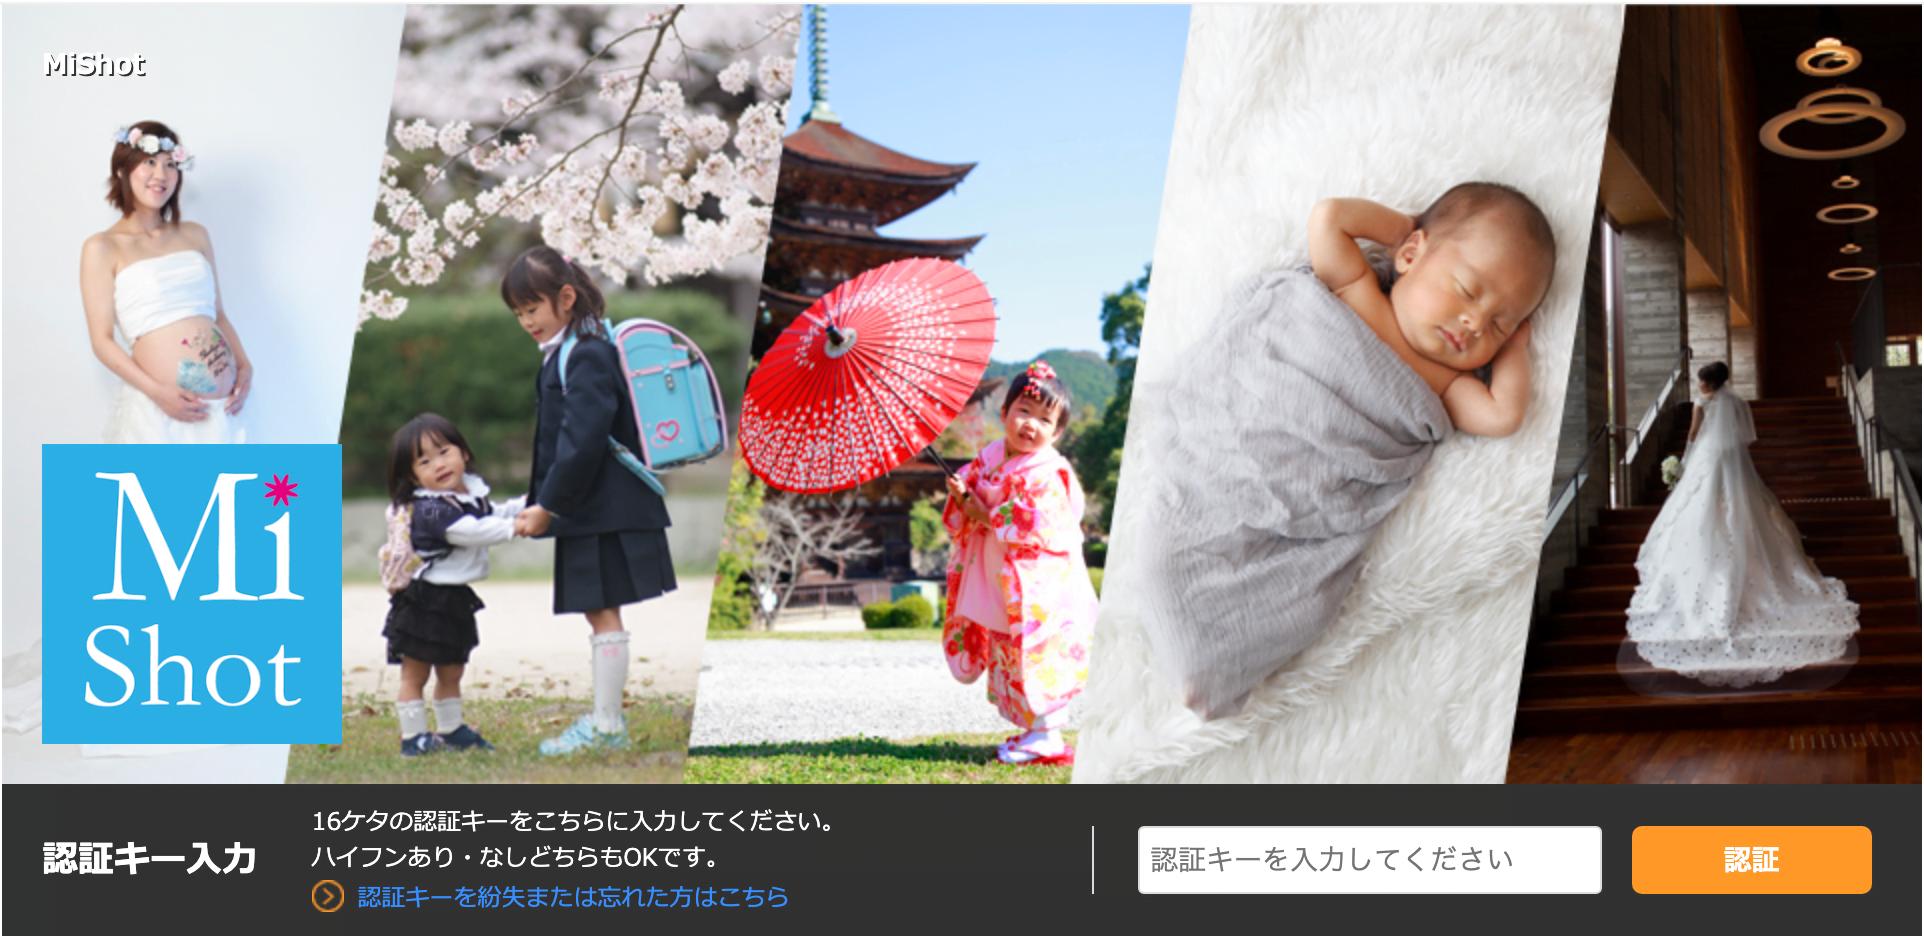 写真販売サイト